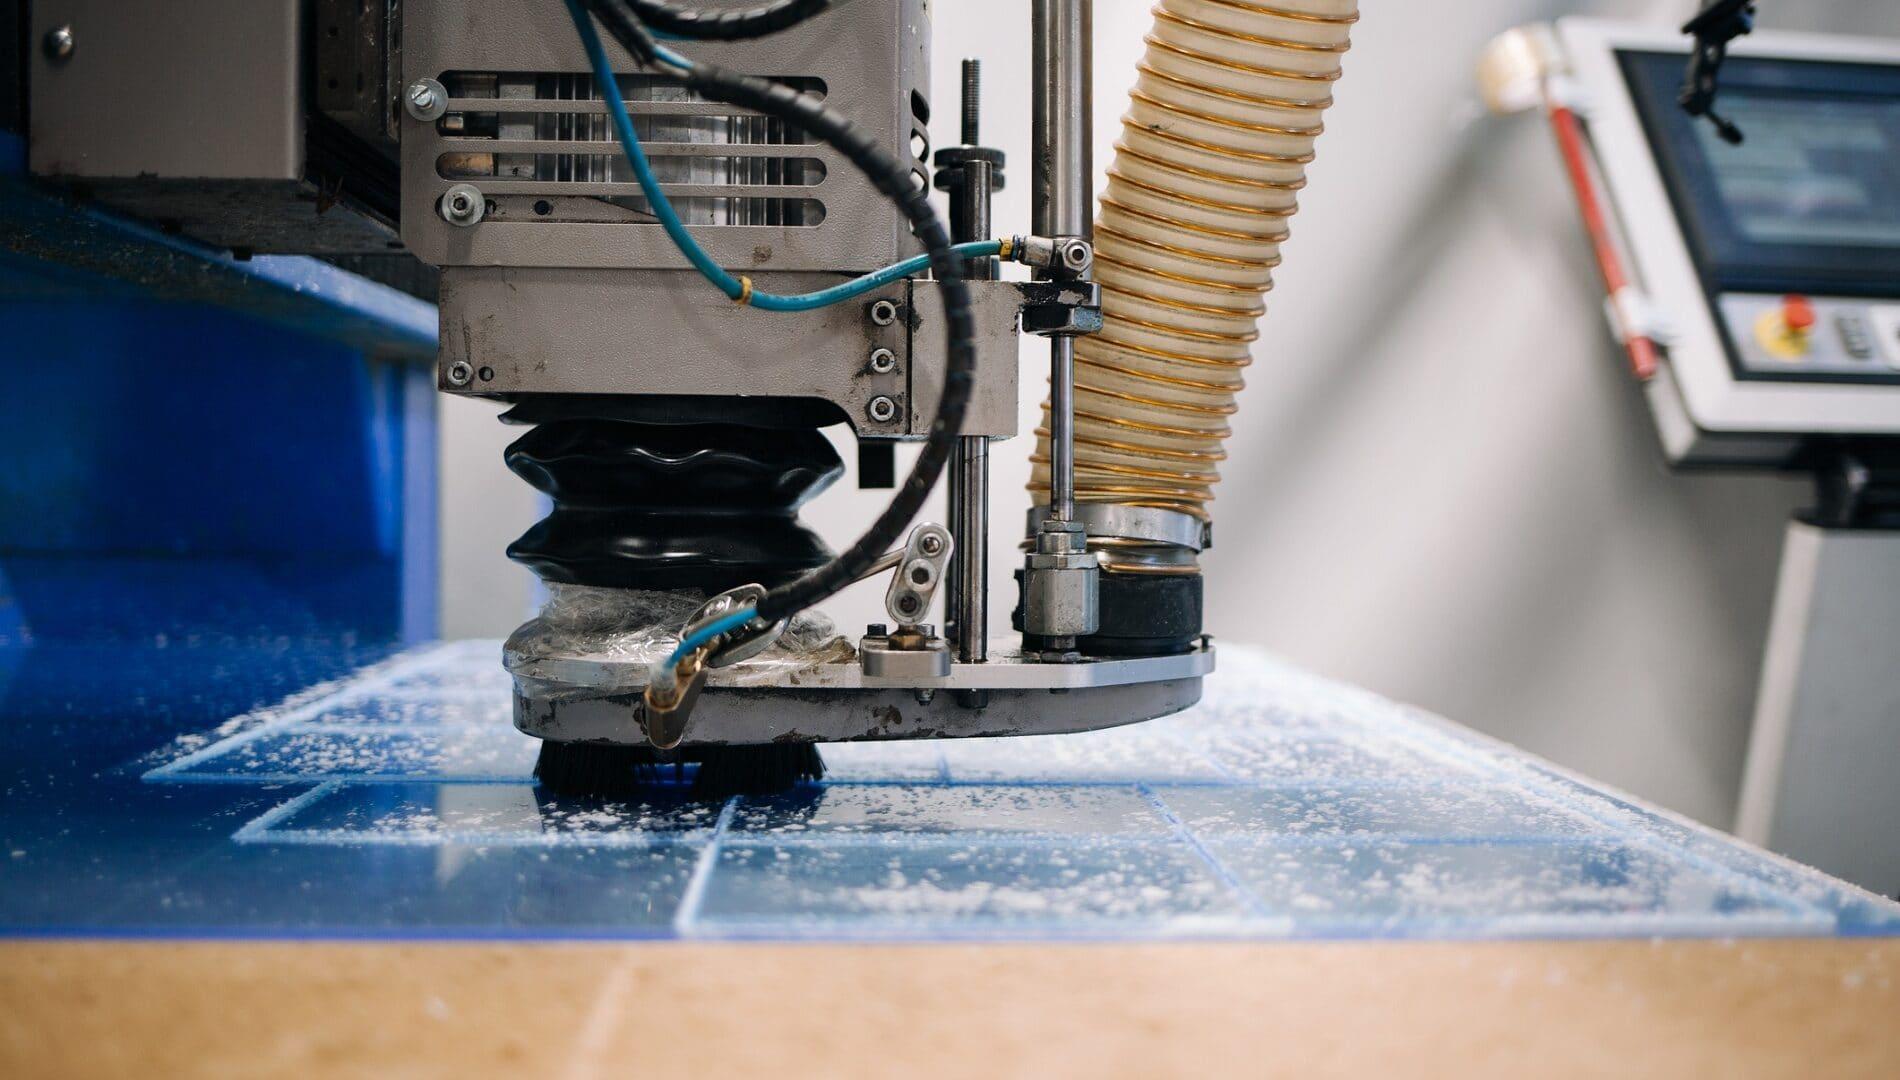 Jakie narzędzia są niezbędne do frezowania pleksi?